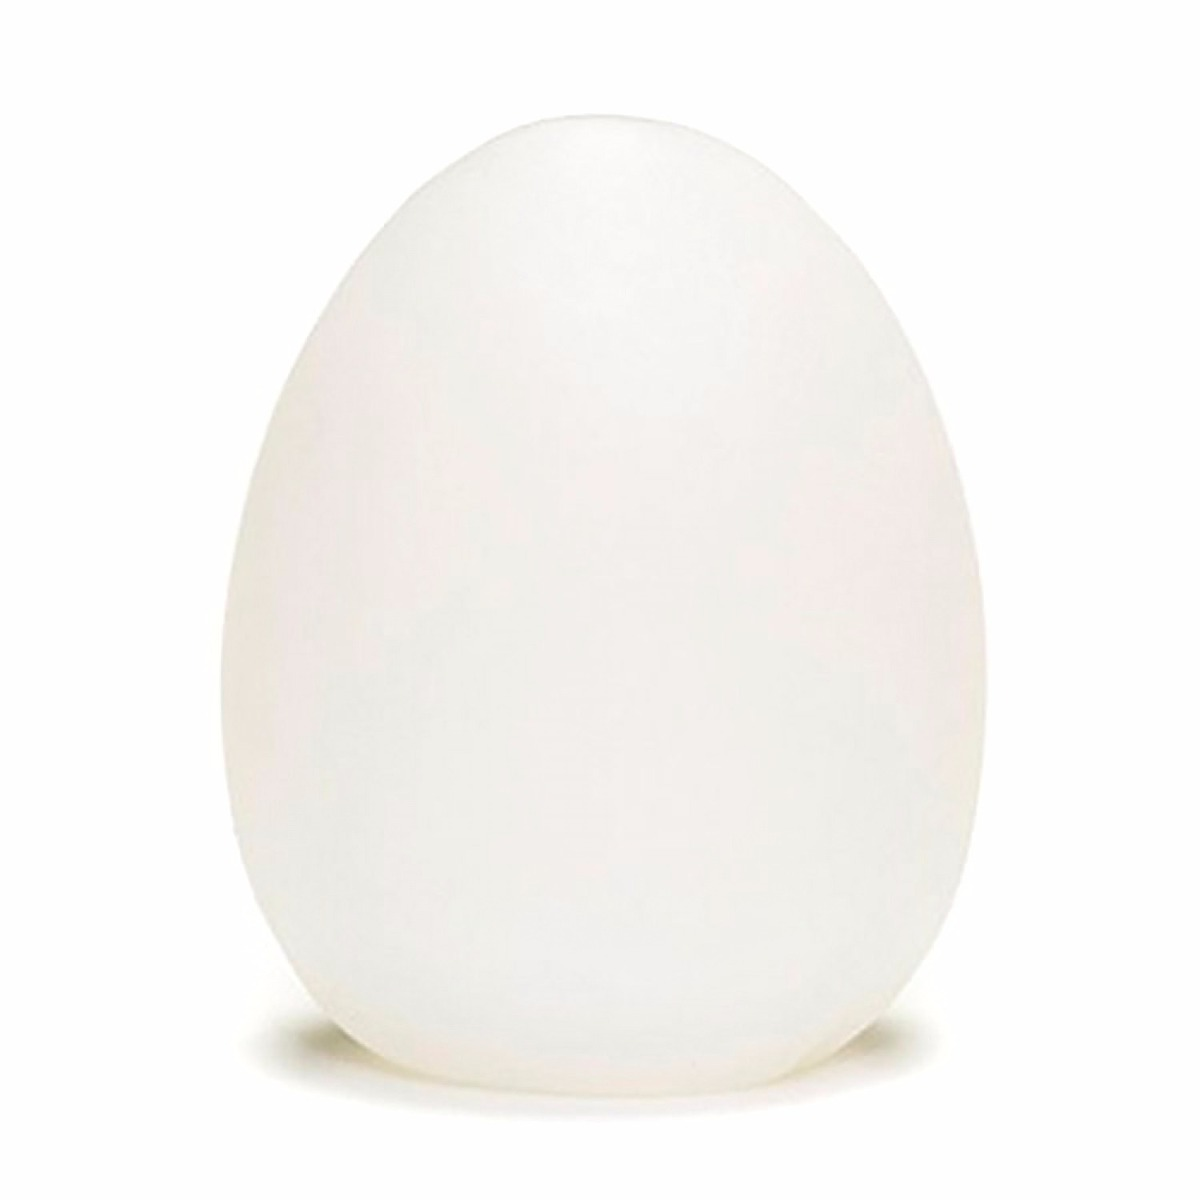 Tenga Egg Original Masturbador Masculino Com Textura R 1890 Em Clicker Carregando Zoom